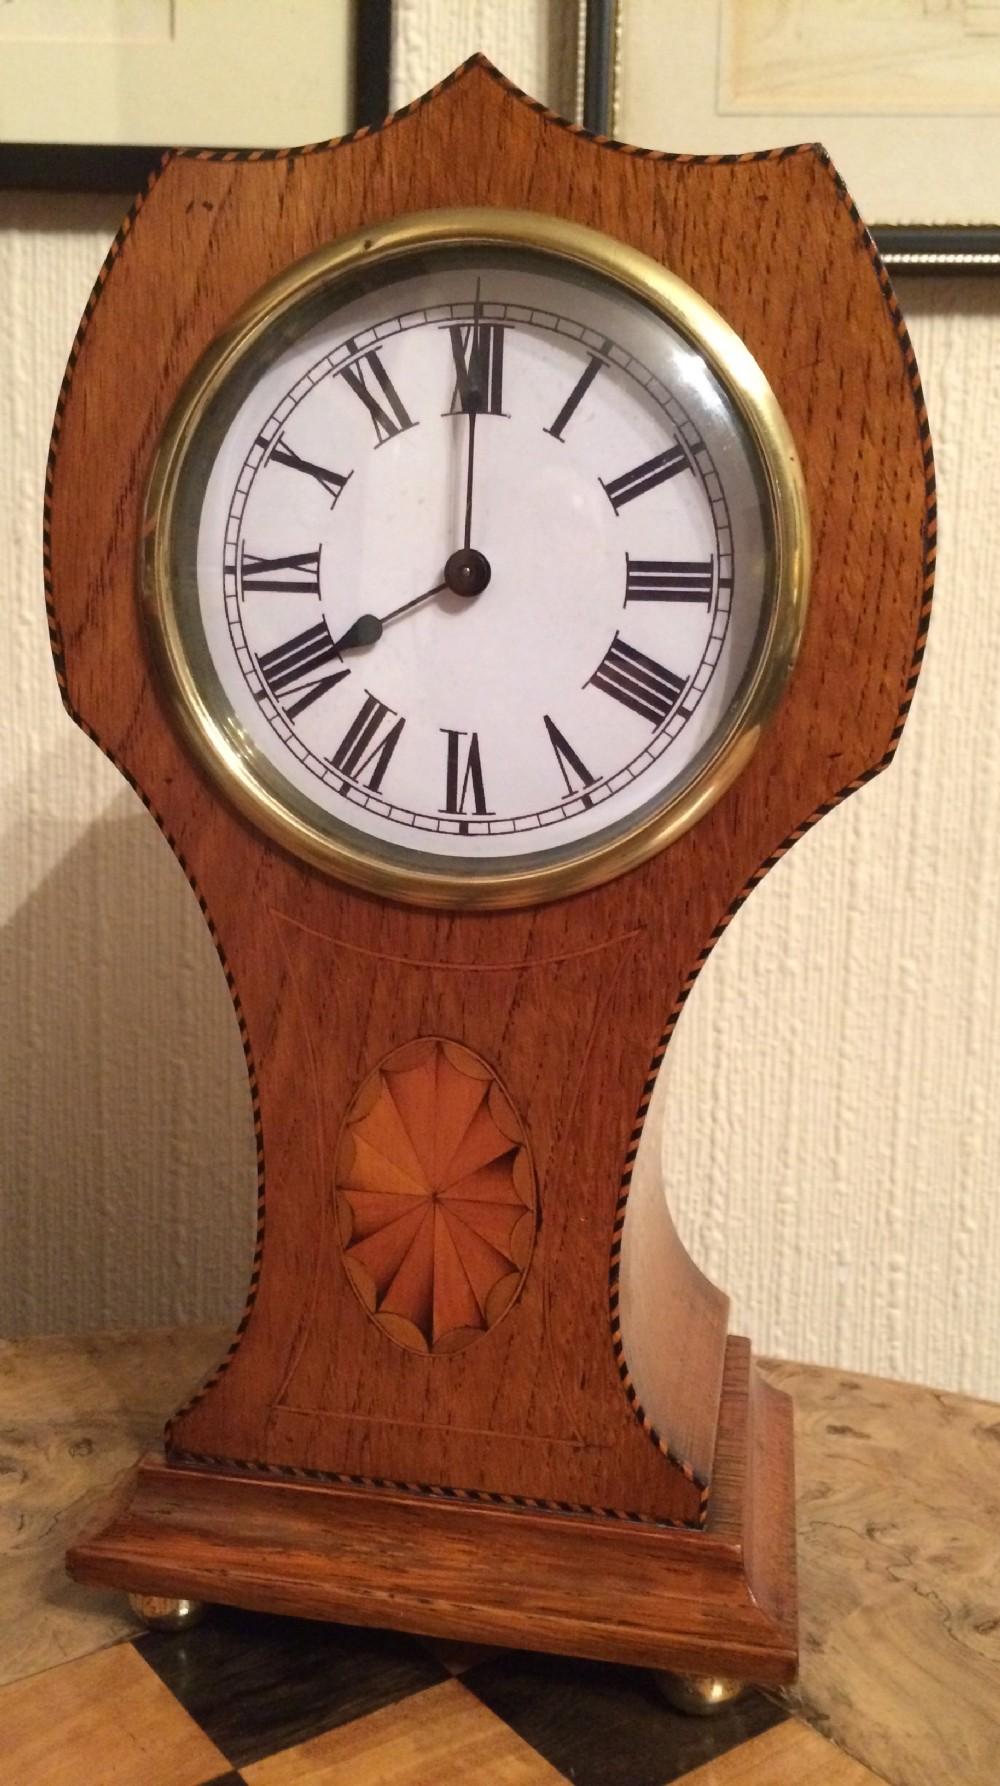 edwardian art nouveau mantel clock